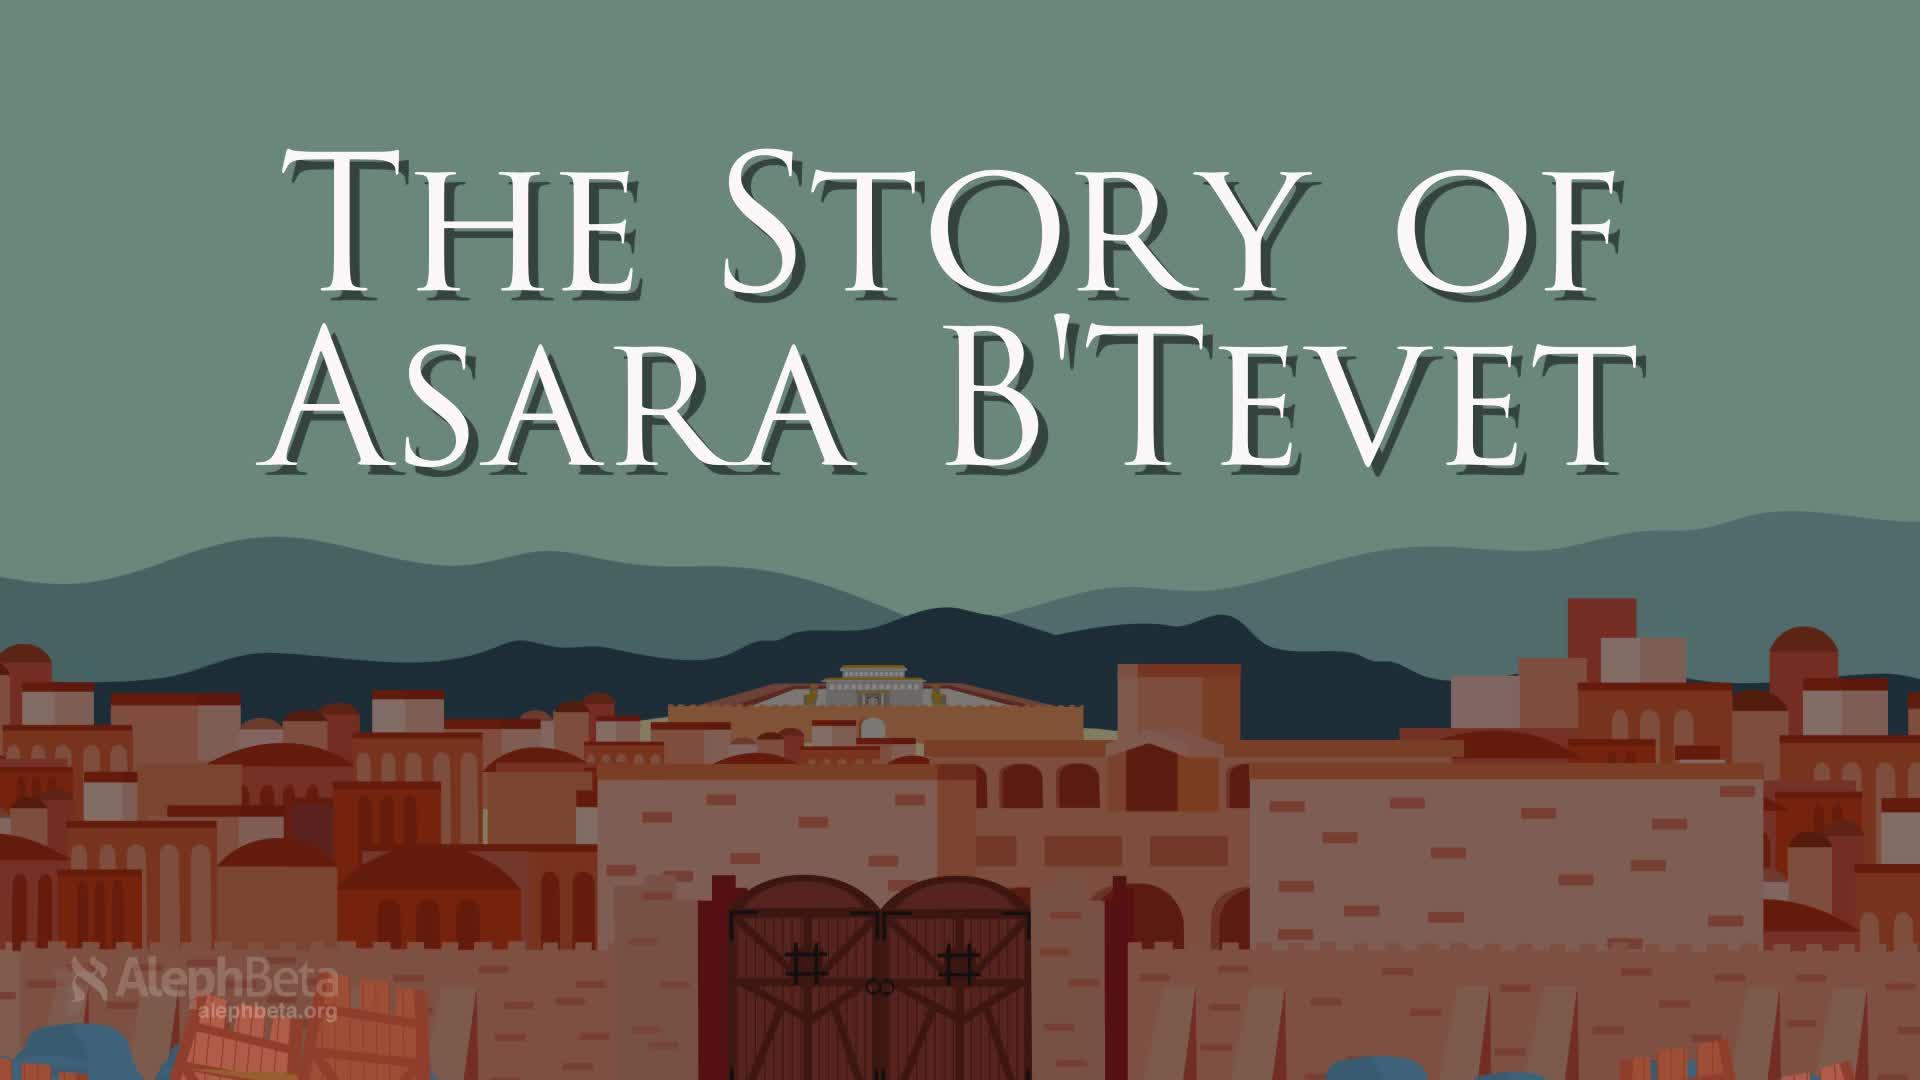 The Story of Asara B'Tevet